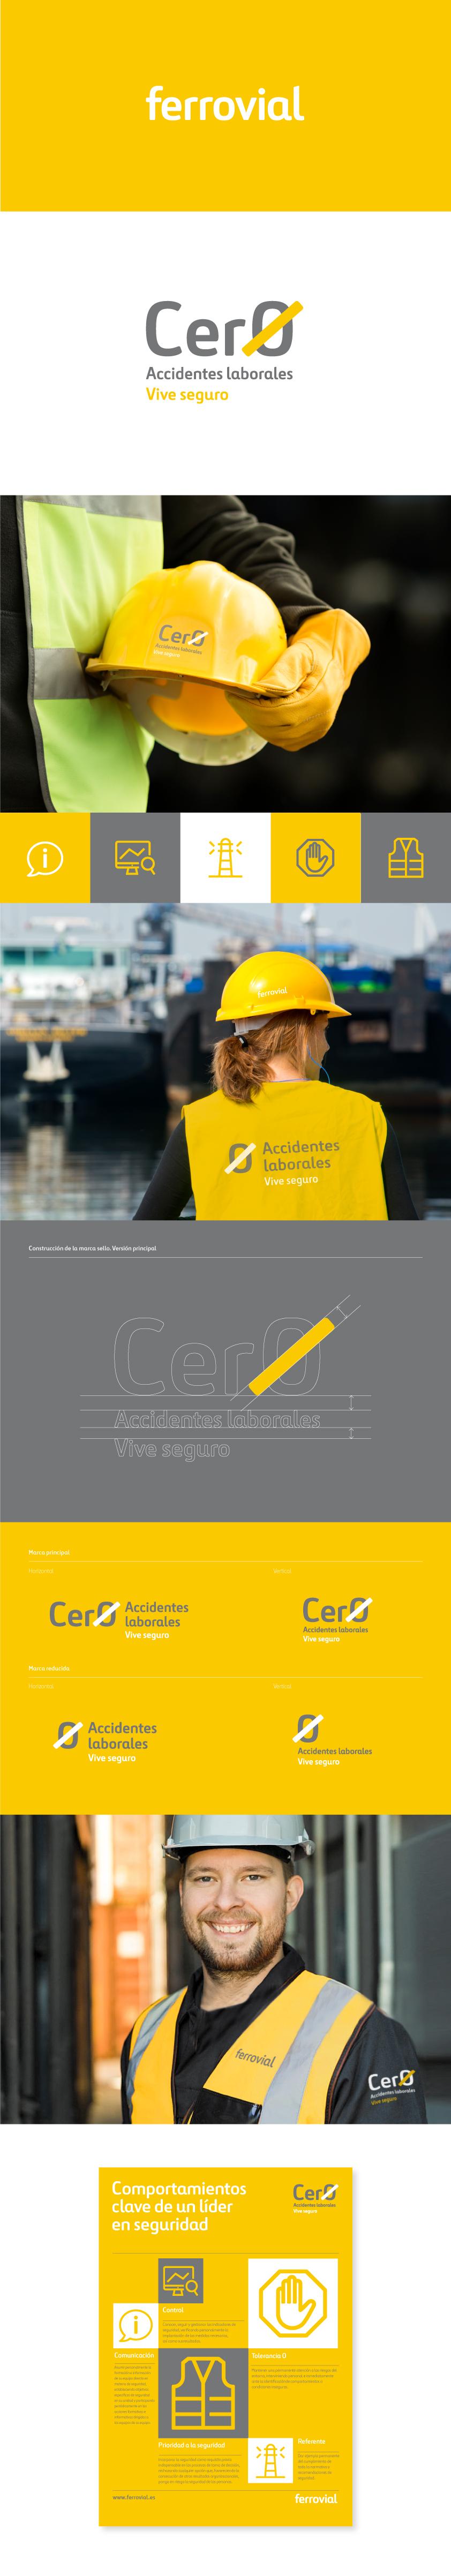 Diseño_CASE_ferrovial.jpg